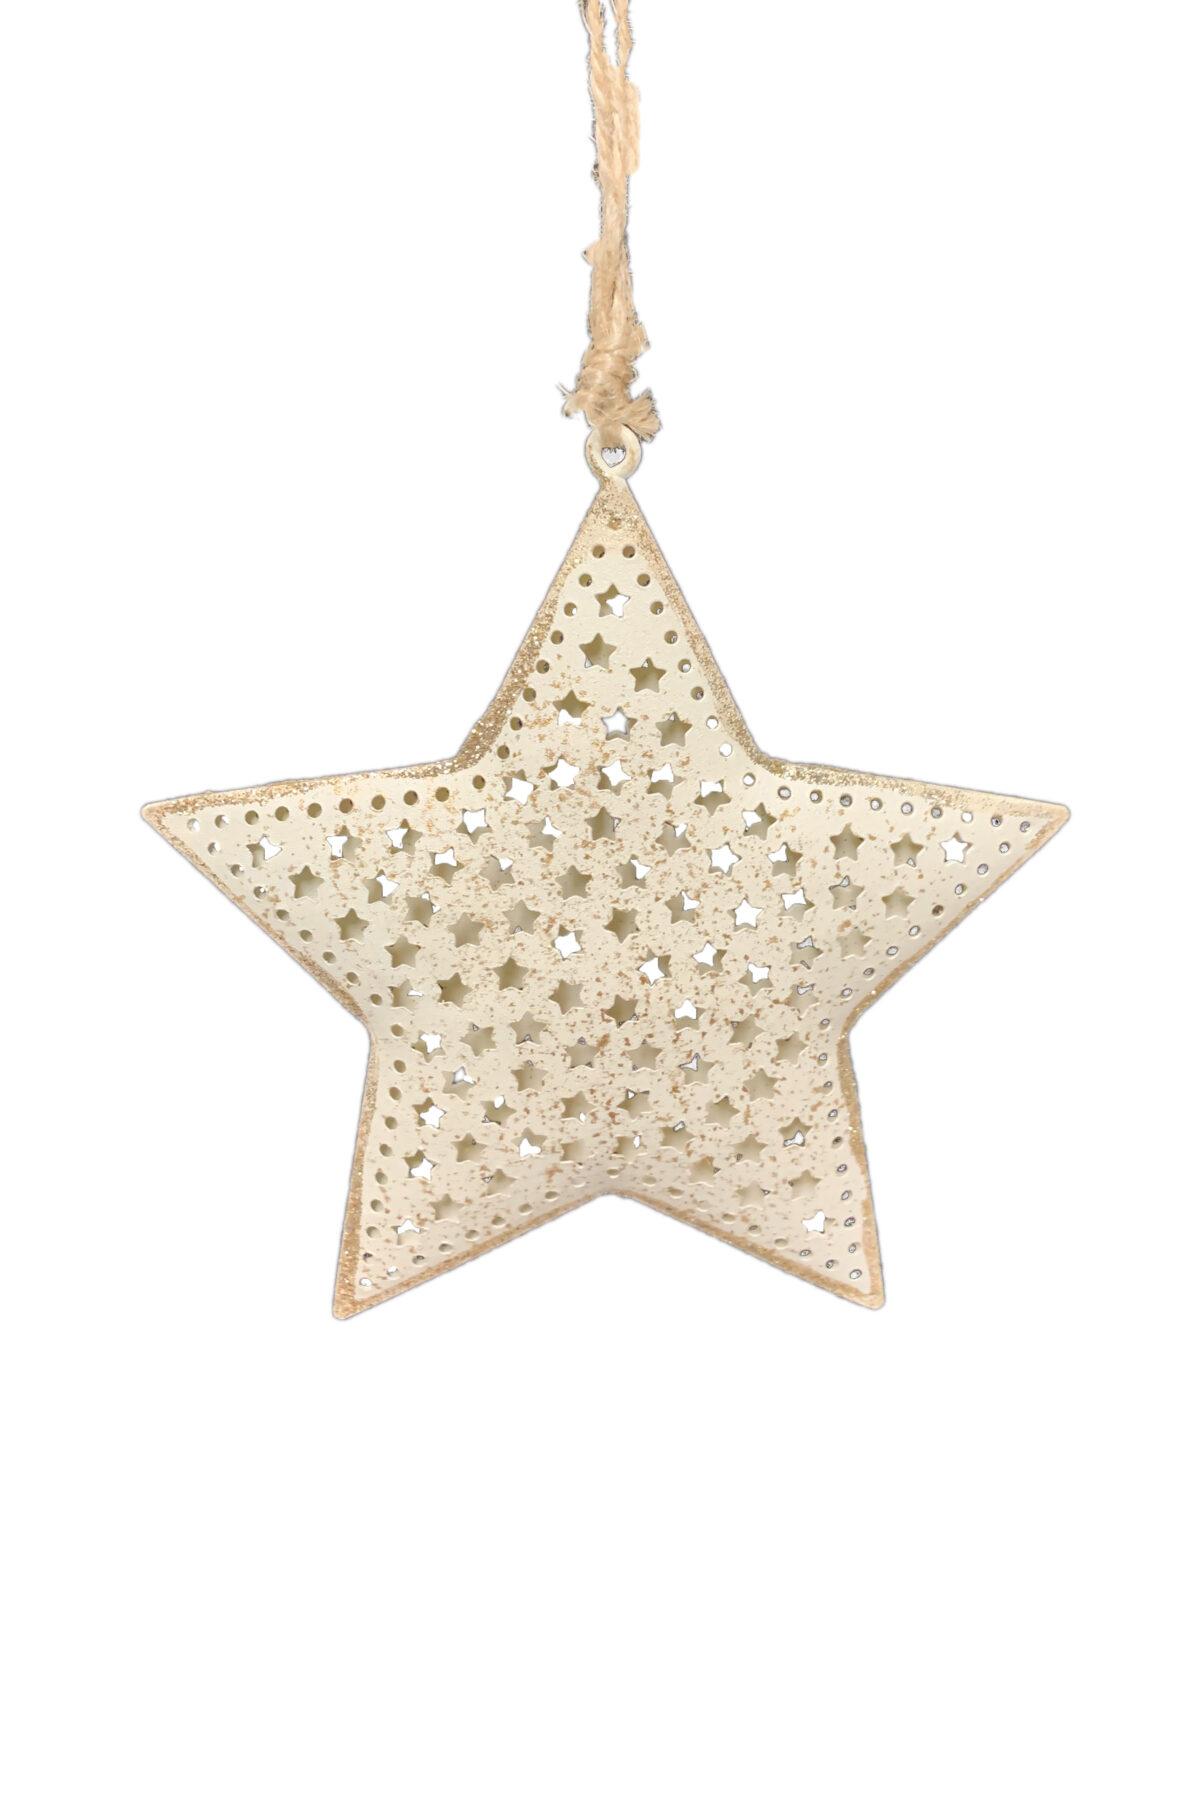 Set 2 pz assortiti Decorazioni addobbo albero di Natale a forma di stella e abete in latta intarsiata color crema con decorazioni oro 10x10 cm